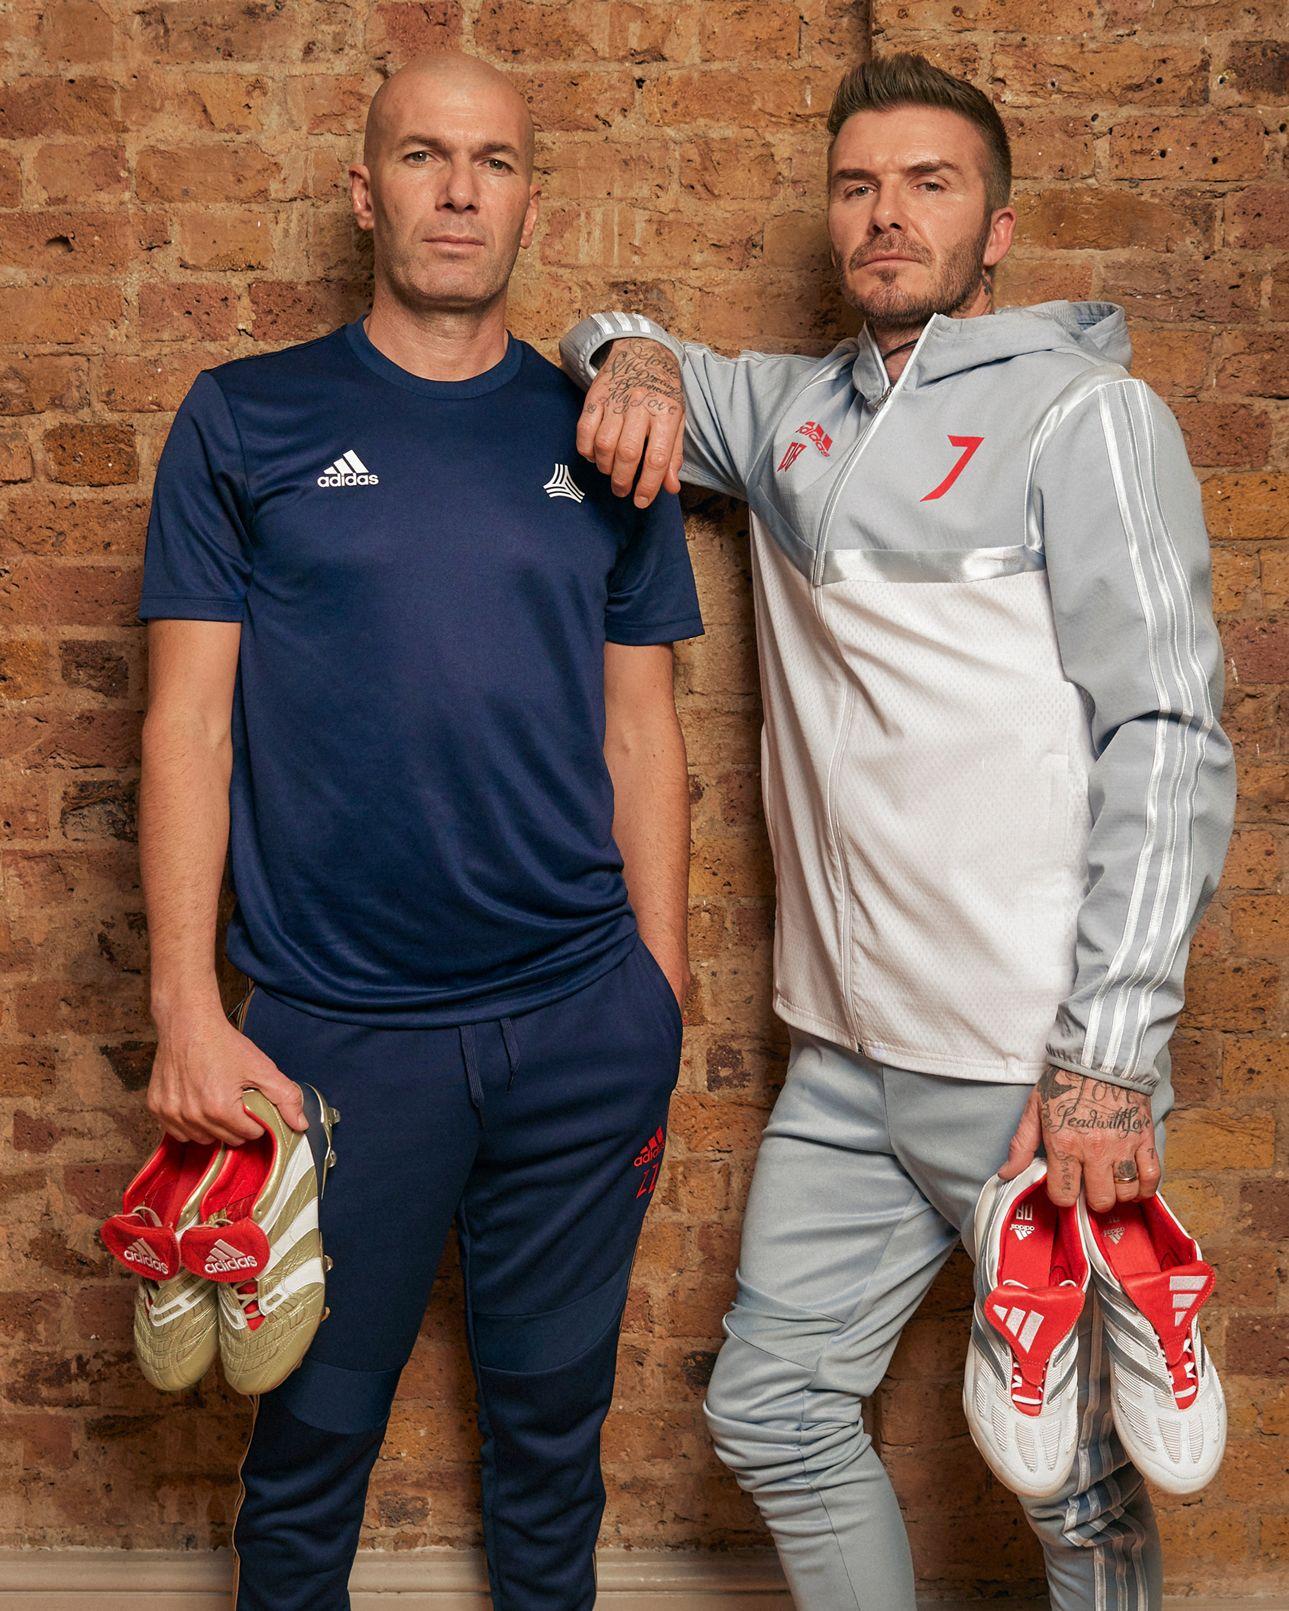 Zidane y Beckham con los Predator 25 Aniversario | Imagen Adidas